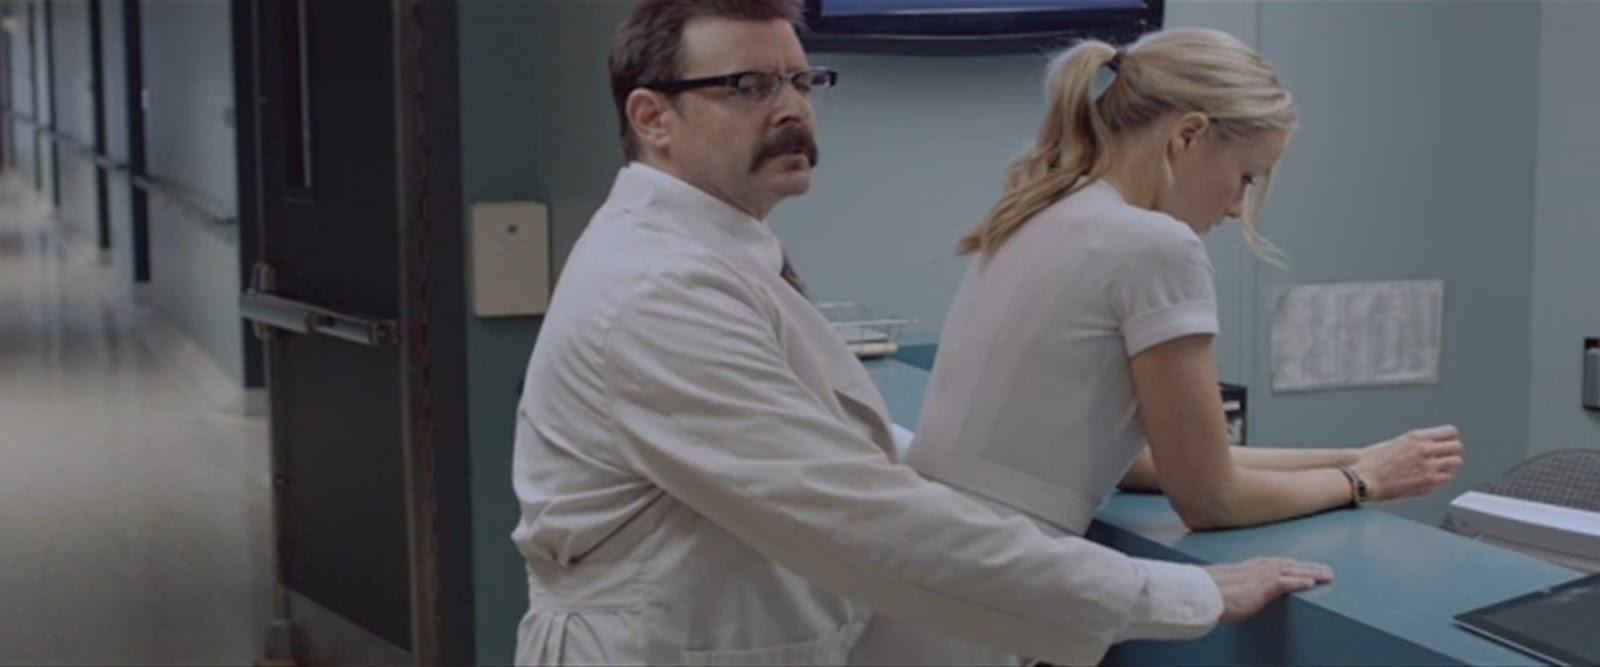 hot ass nurse